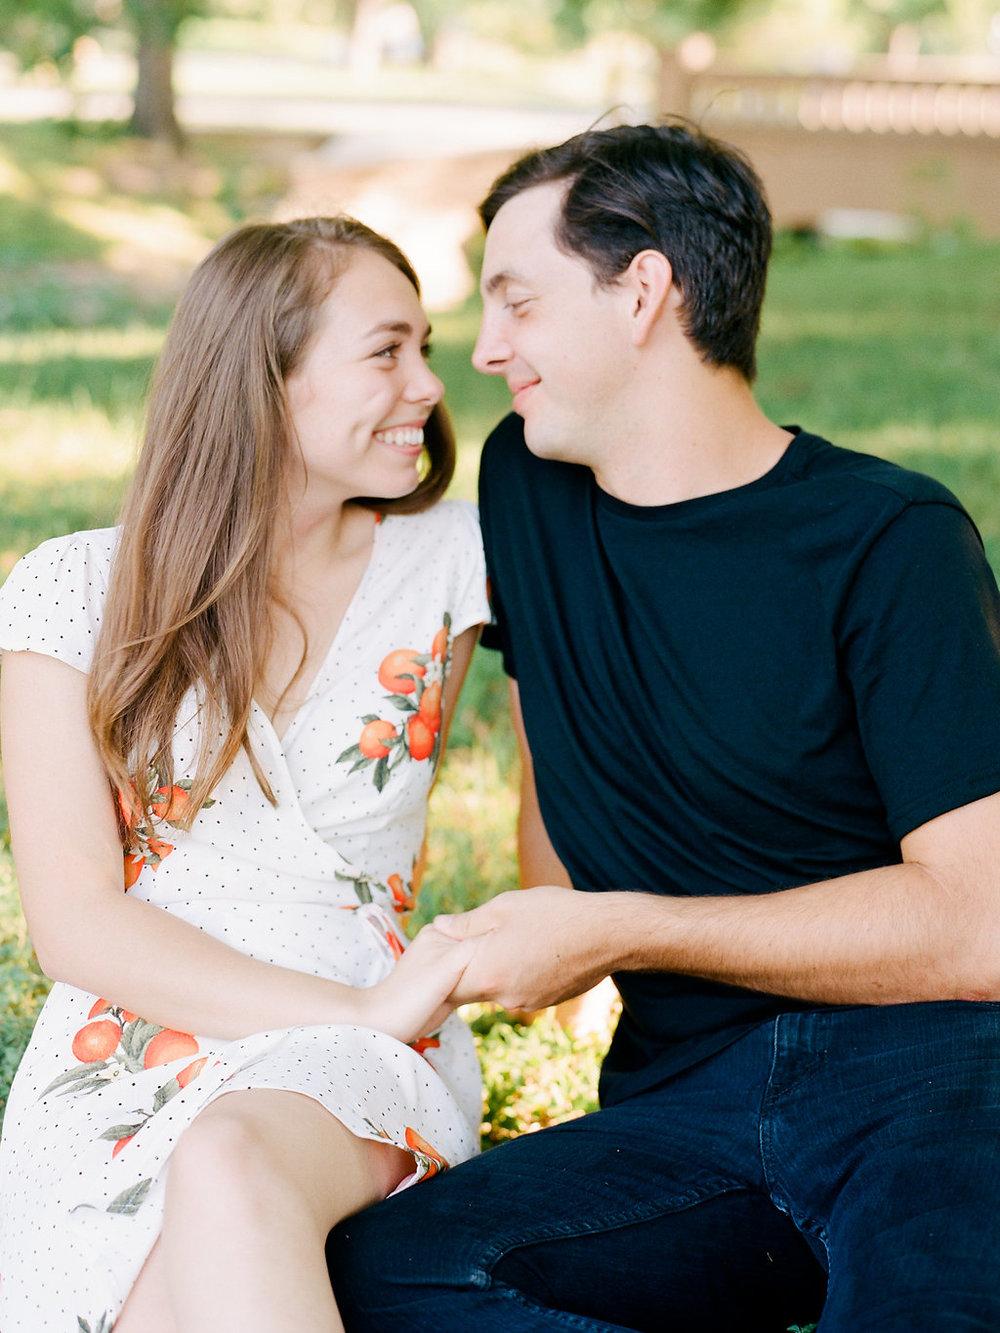 Best-Austin-Denver-California-Wedding-Photographers-fine-art-film-Engagement-Session-44.jpg